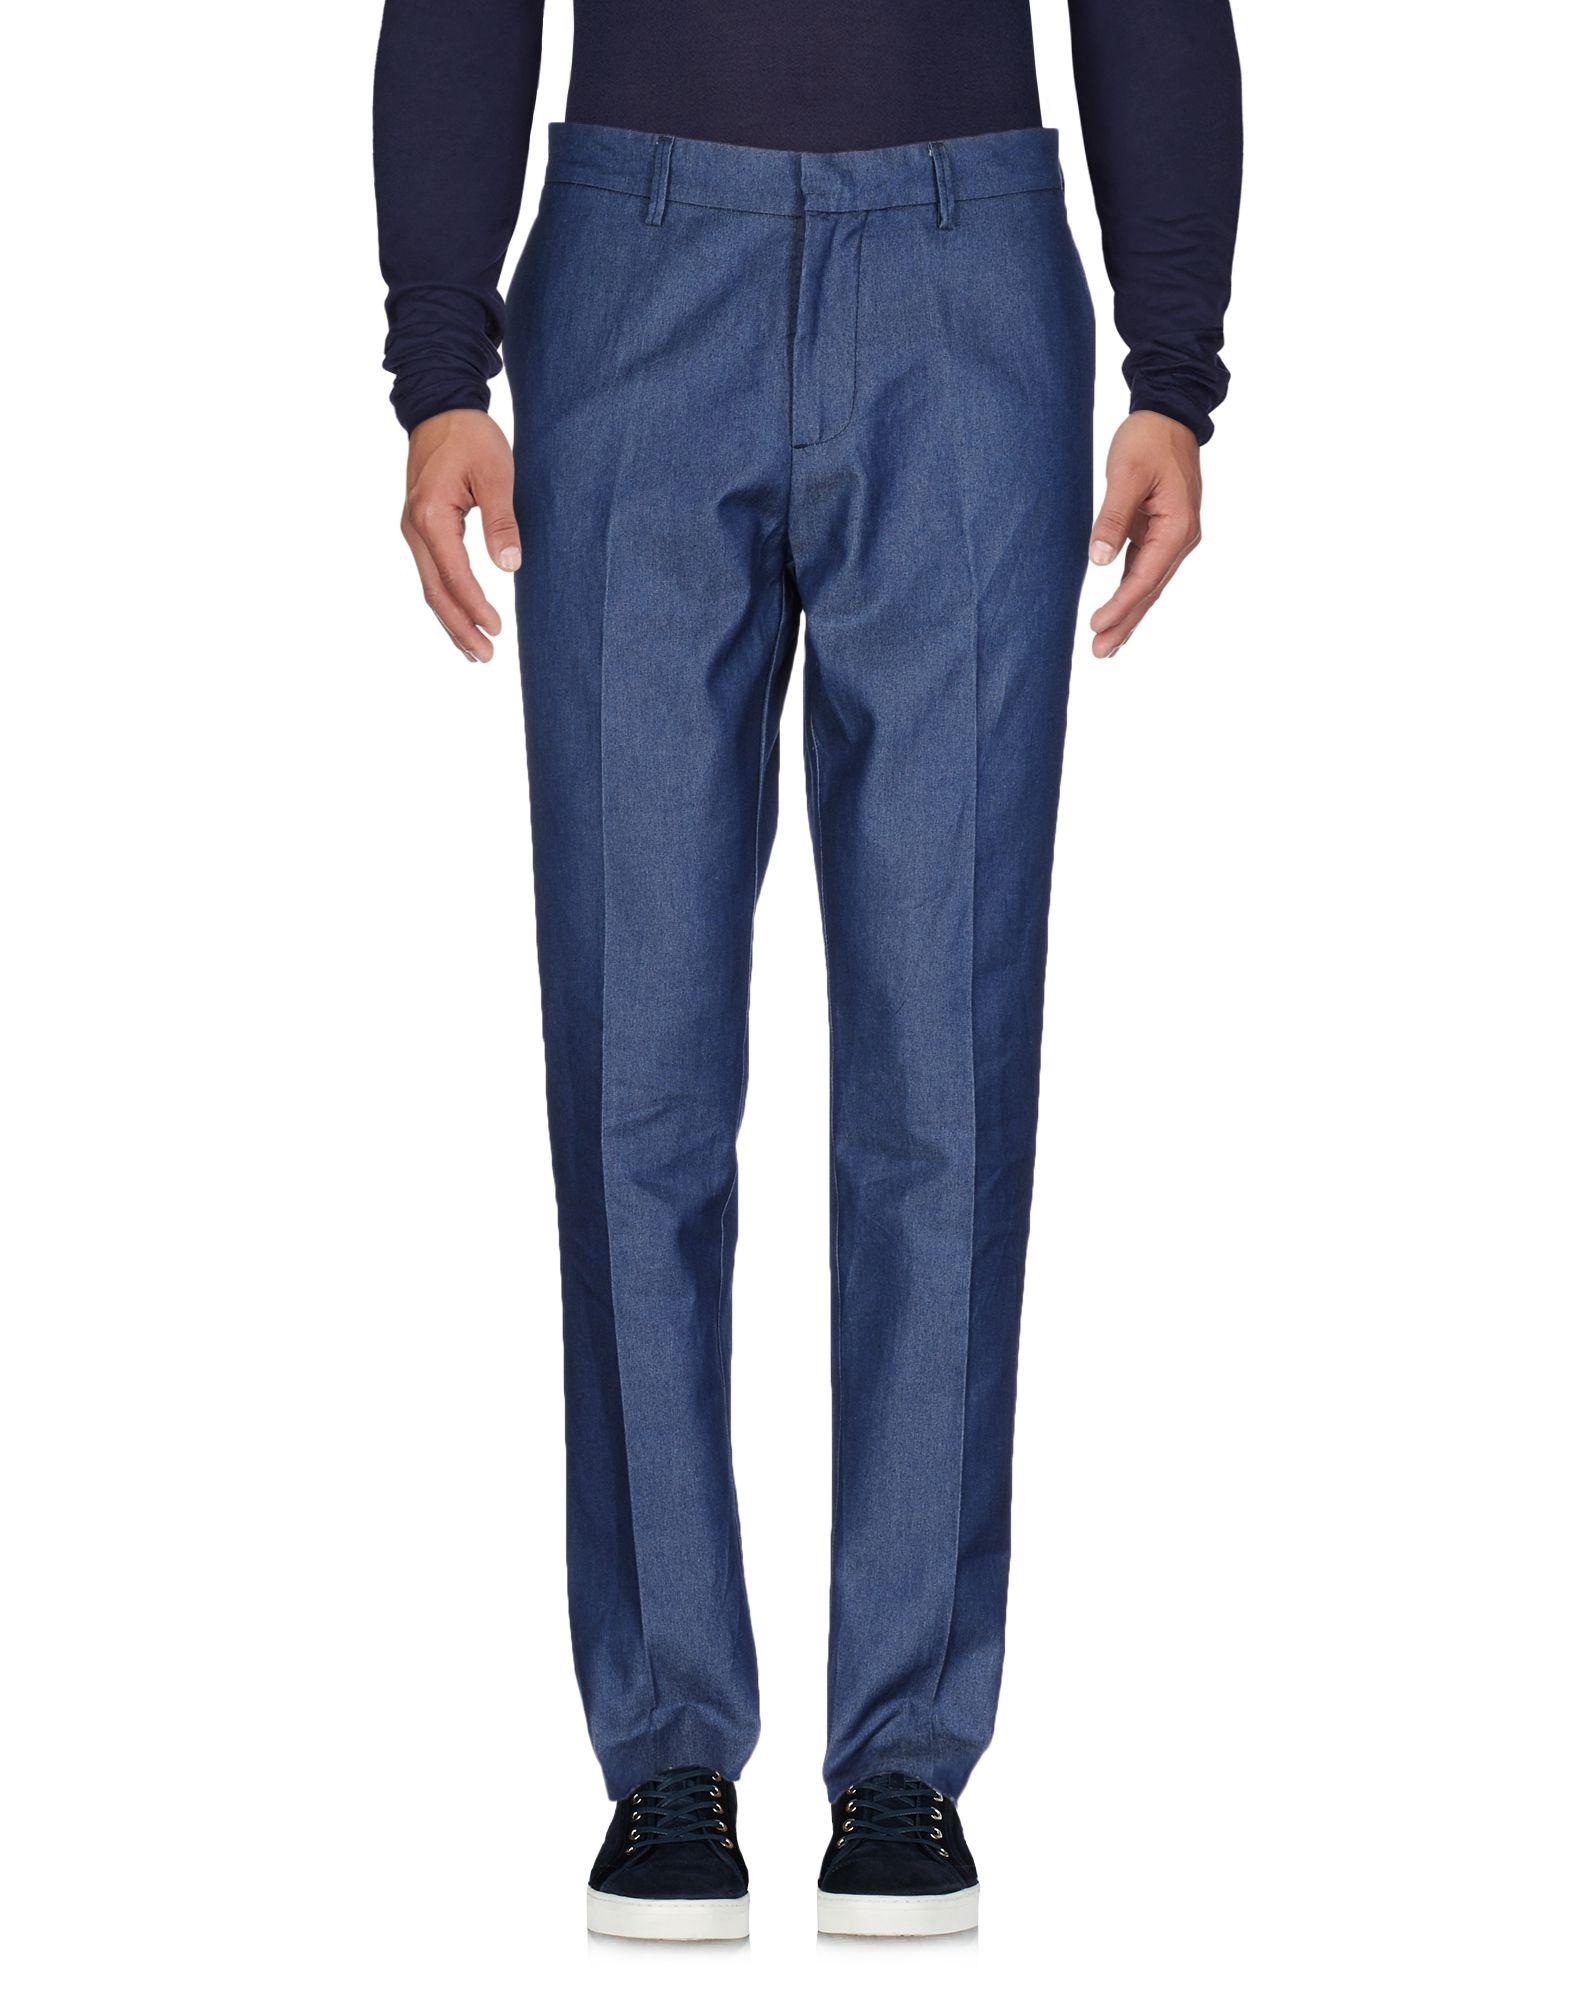 Pantaloni Jeans Mc Master Of Ceremonies Uomo - Acquista online su